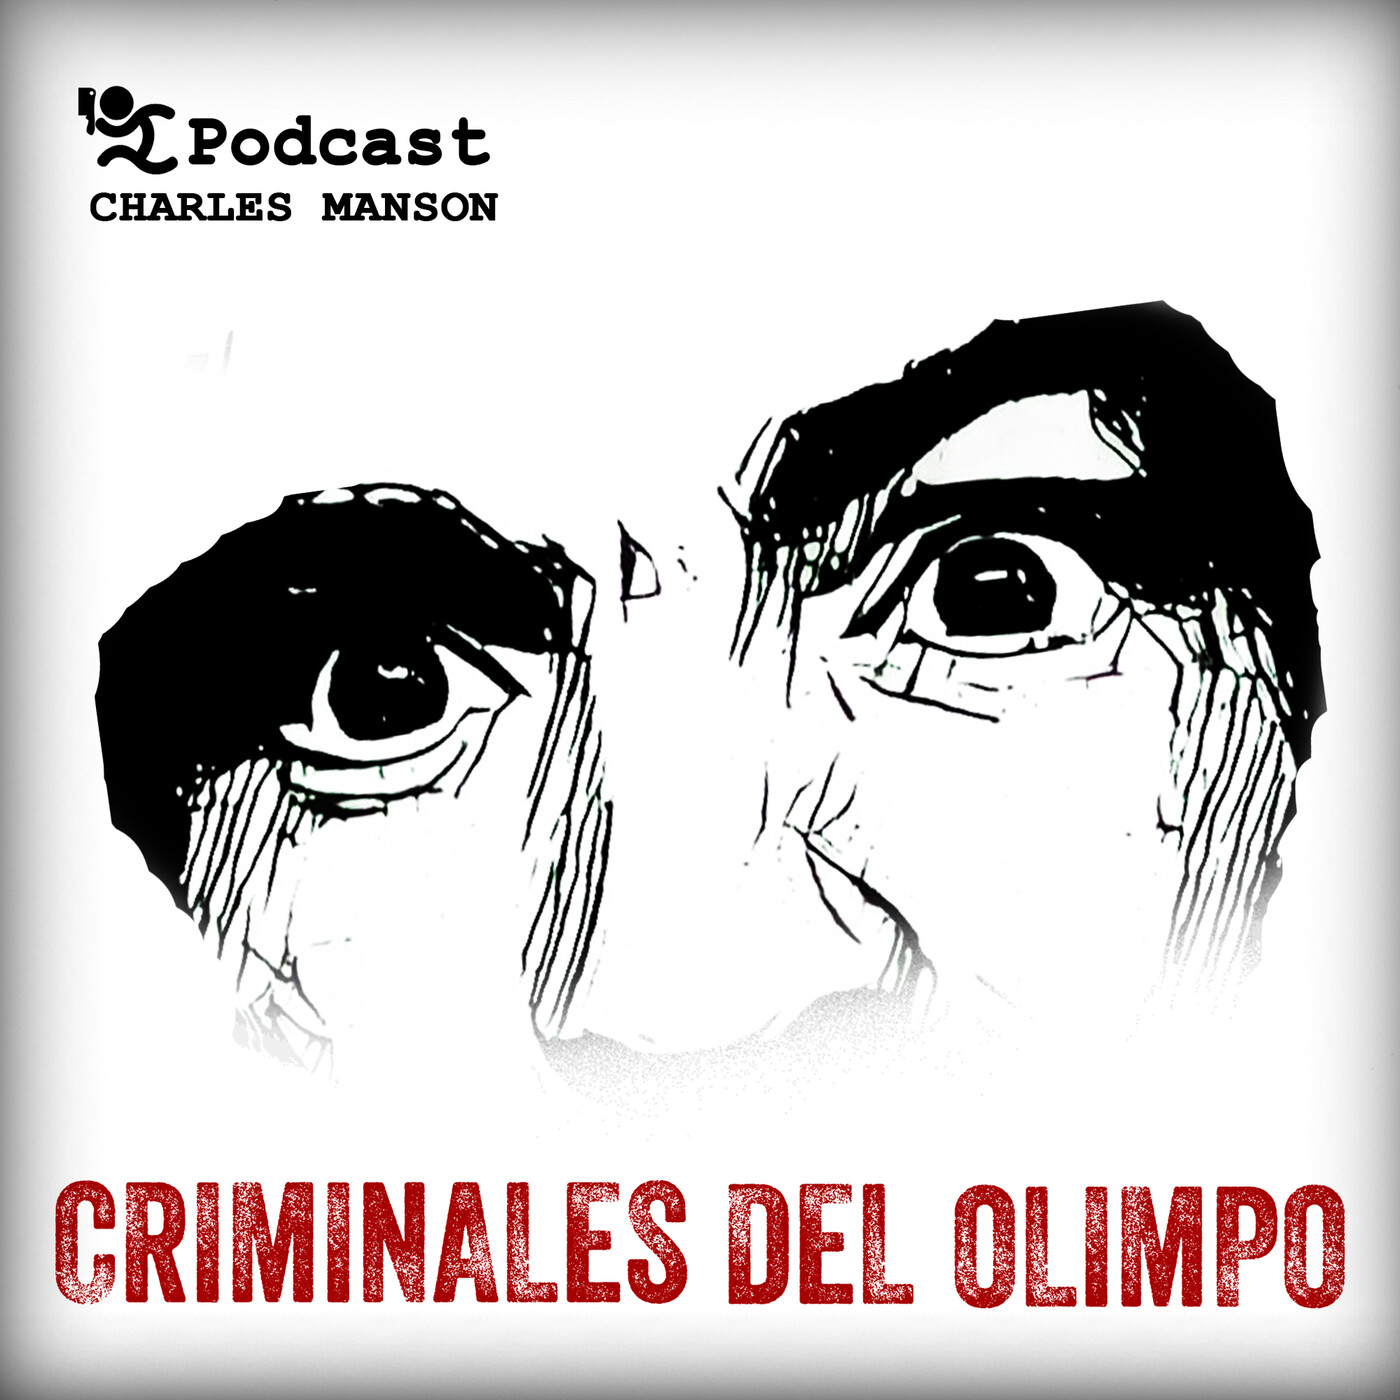 02X01 Charles Manson: Helter Skelter (Criminales del Olimpo)